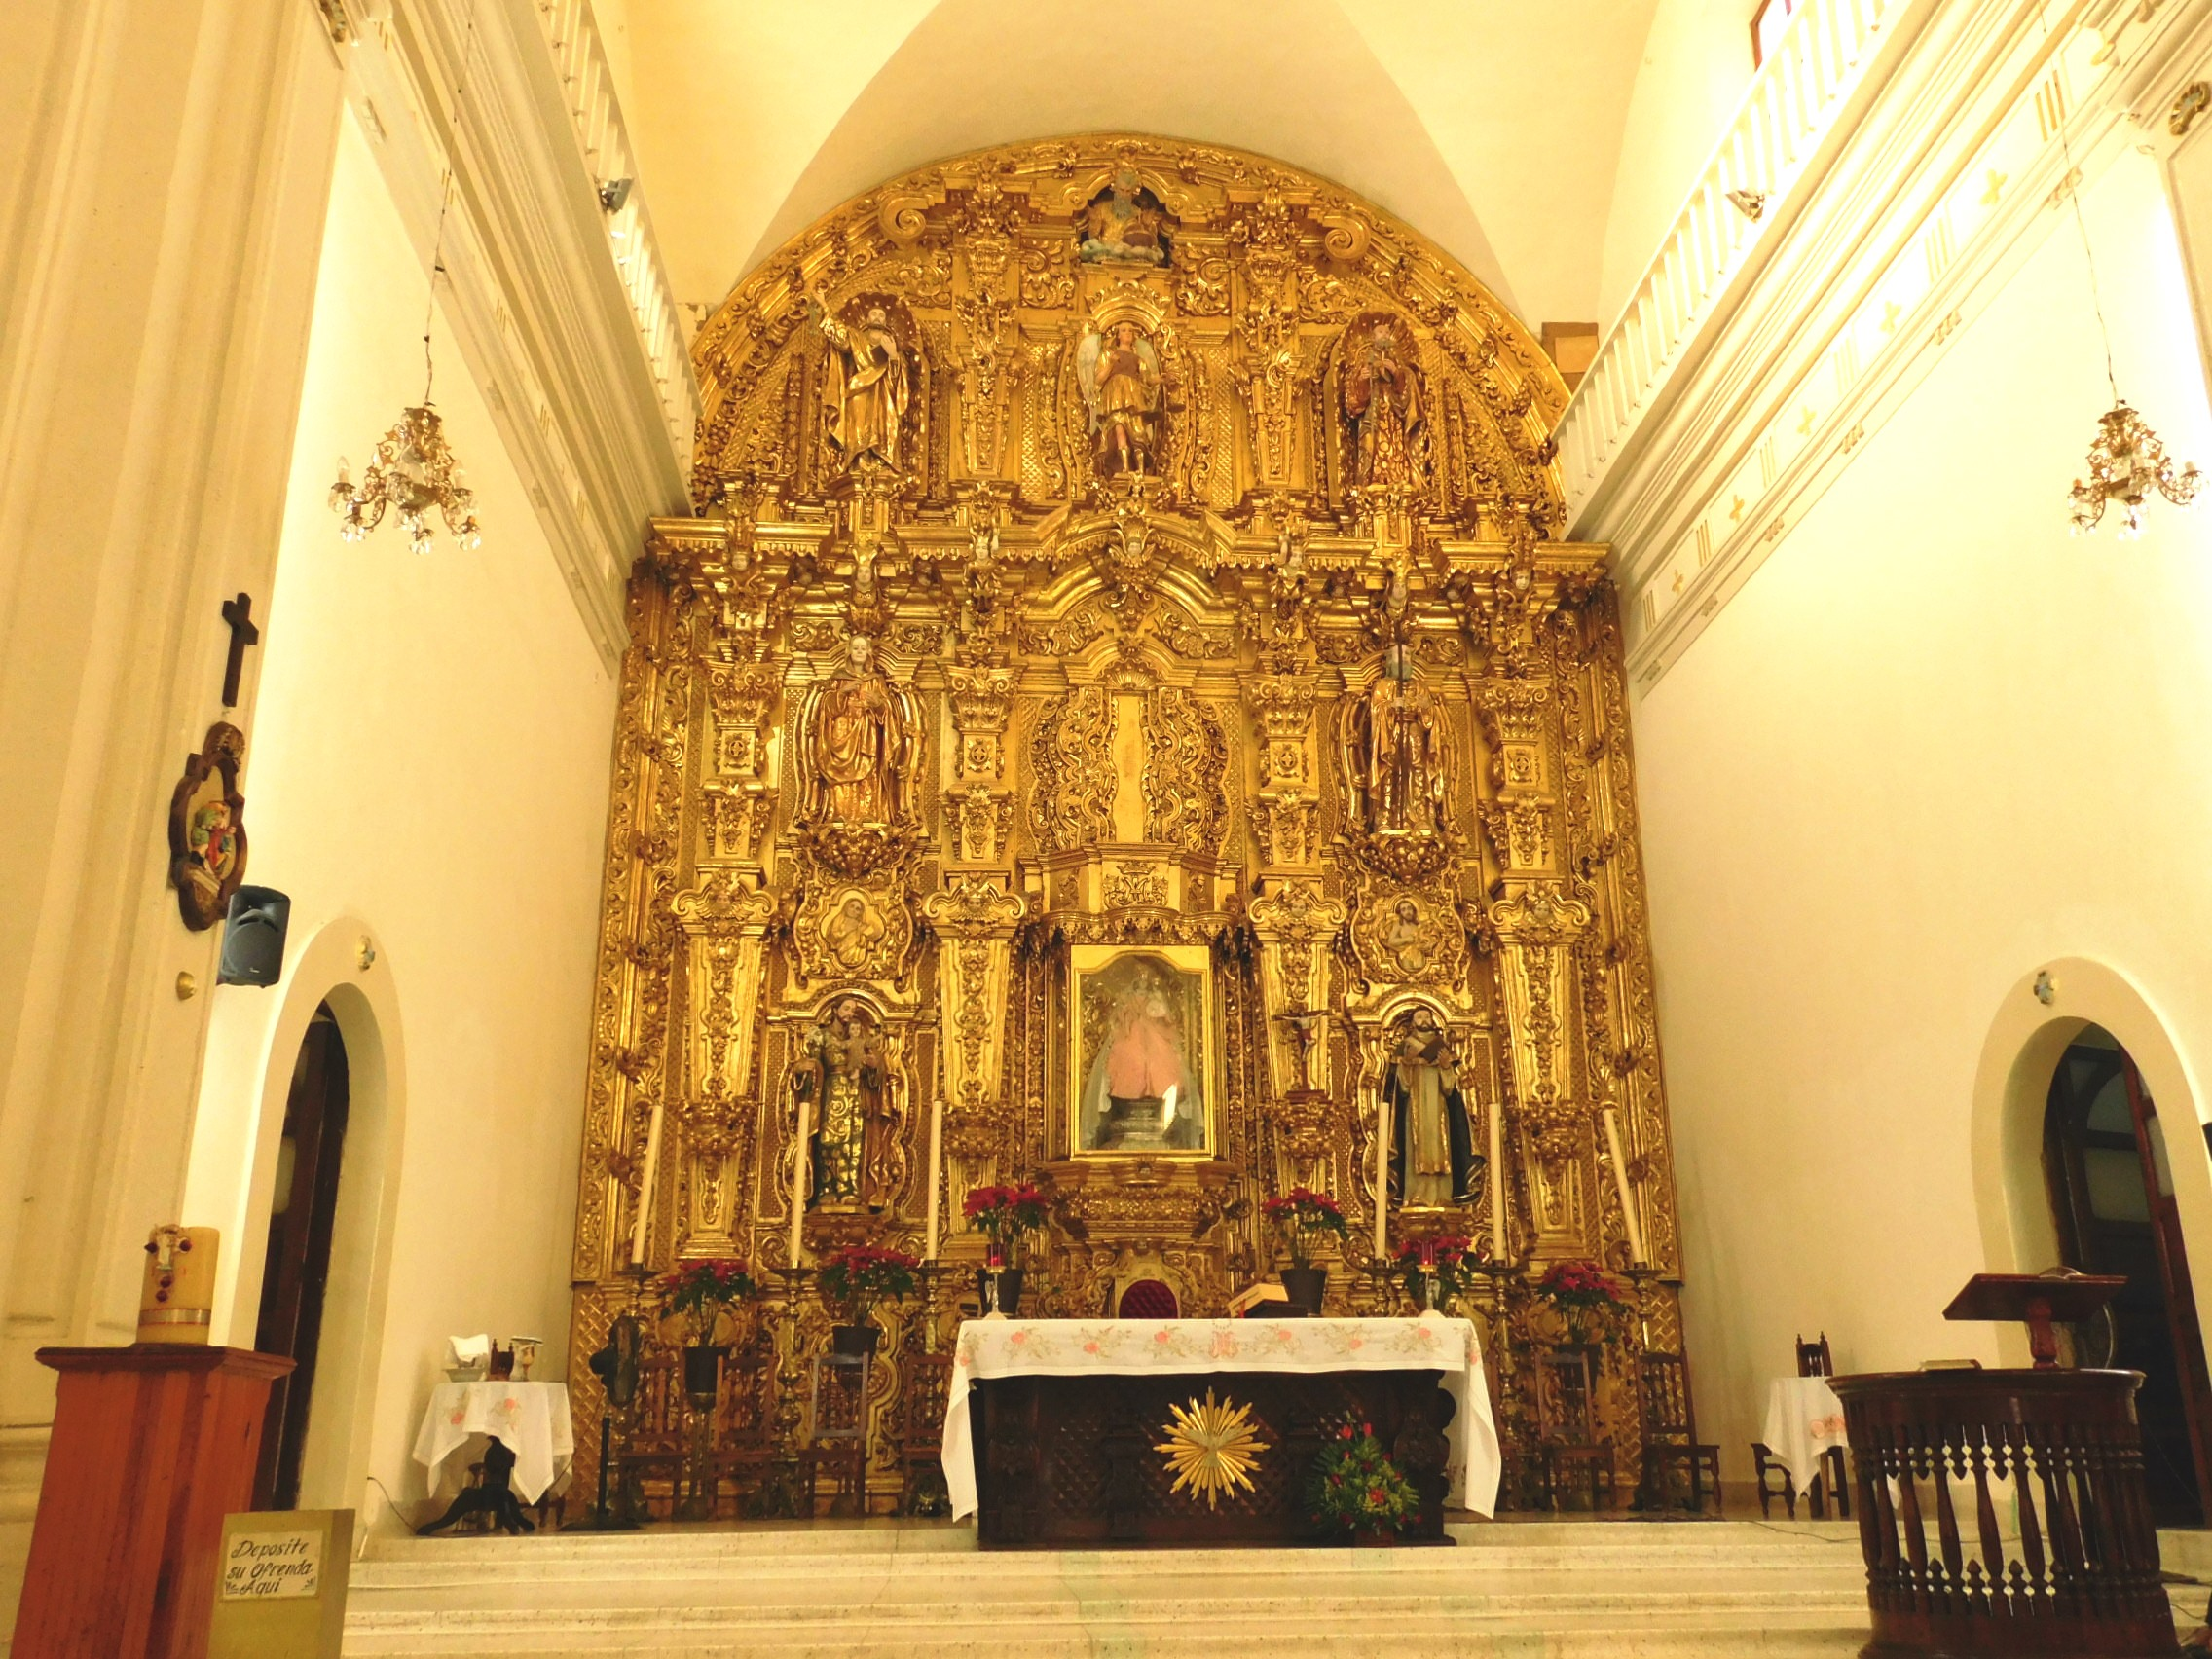 Retablo Bañado en Oro Iglesia del ROsario, Sinaloa